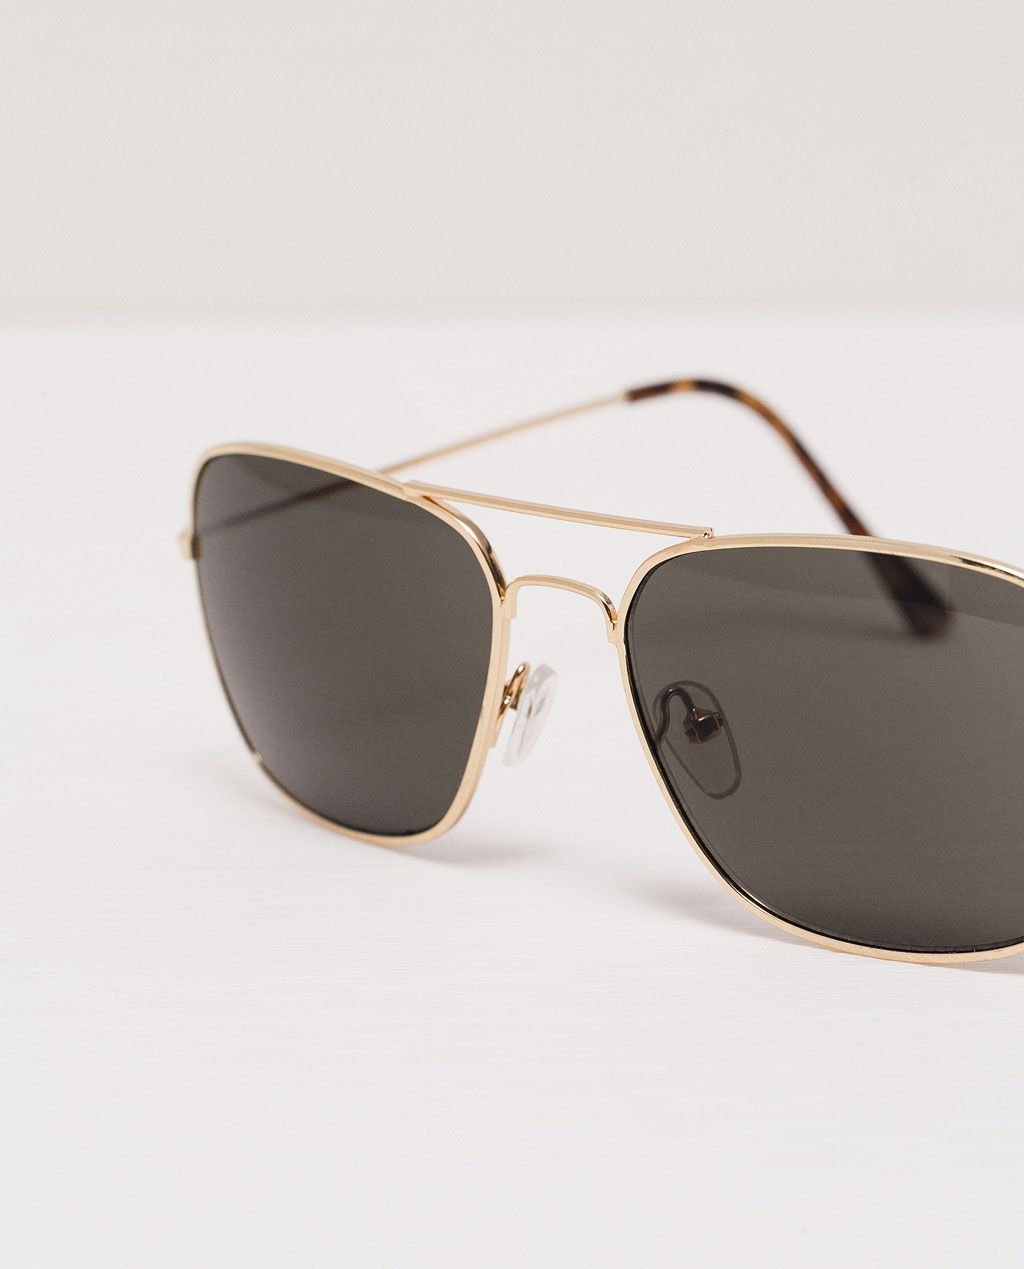 Gafas de sol lifestyle adulto BELLEVILLE gris metal categoría 3 ORAO ...